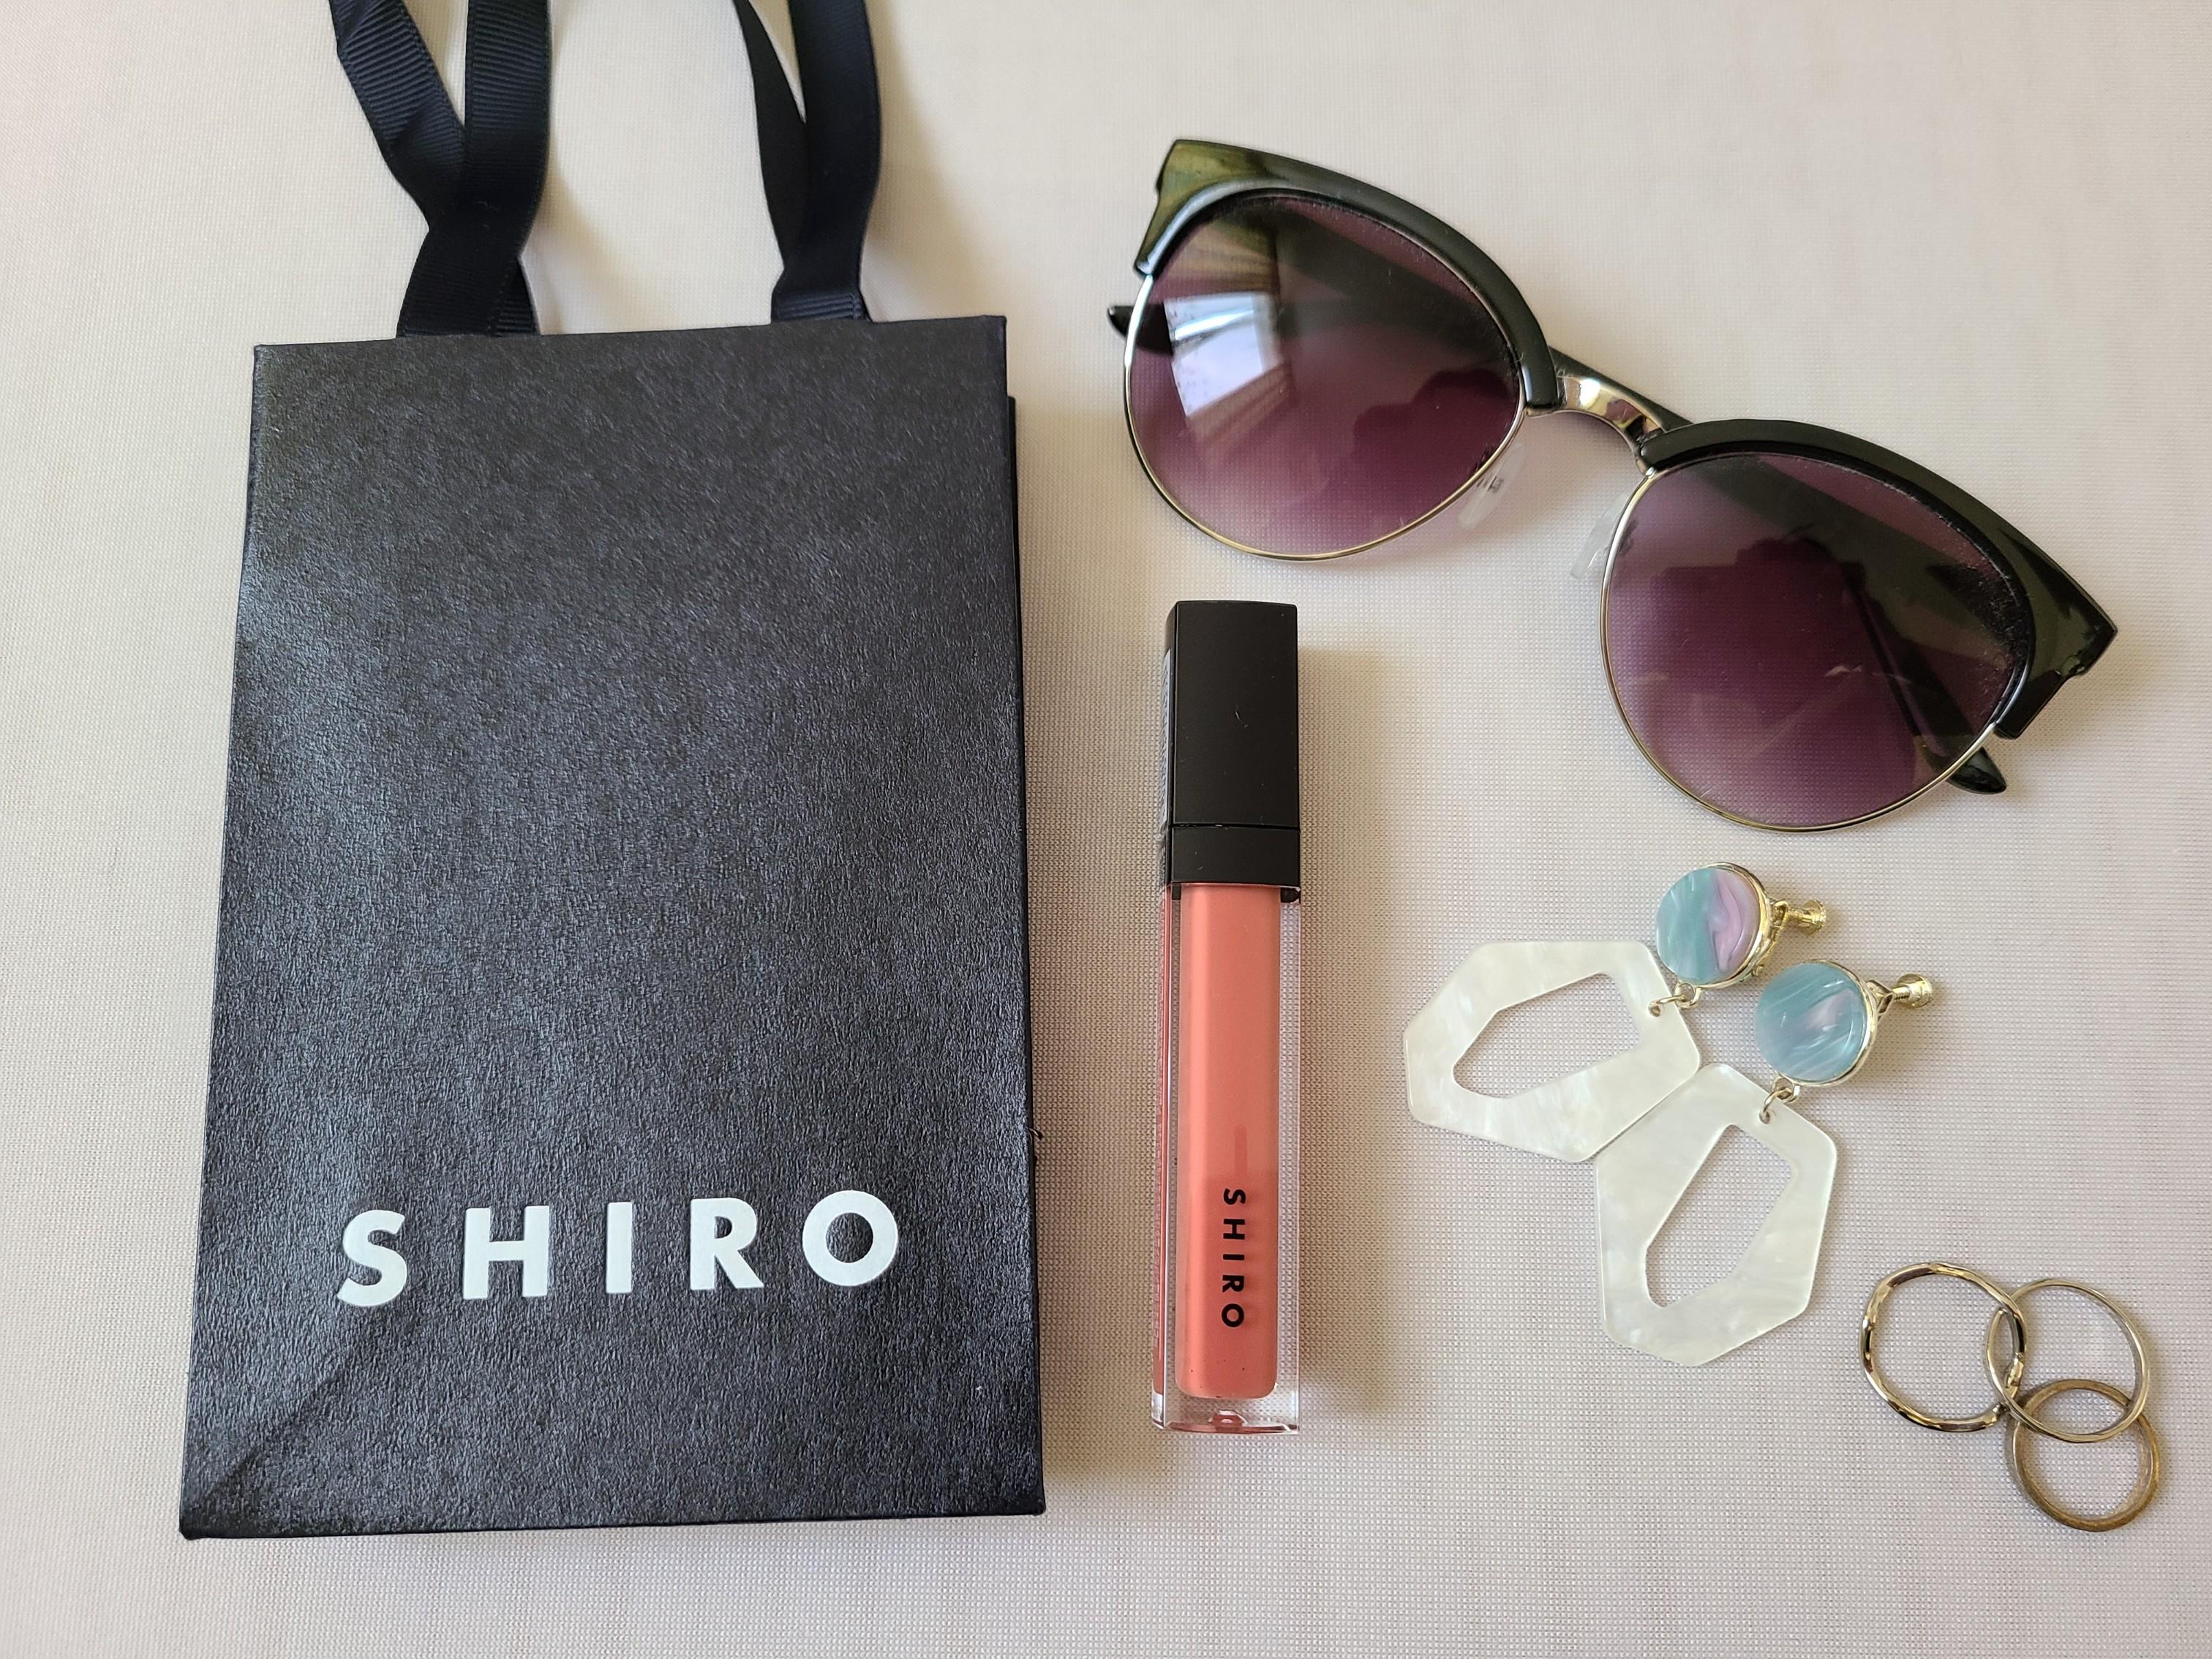 【SHIRO】夏リップで夏支度!「テラコッタ」は上品夏顔カラー❤️_1